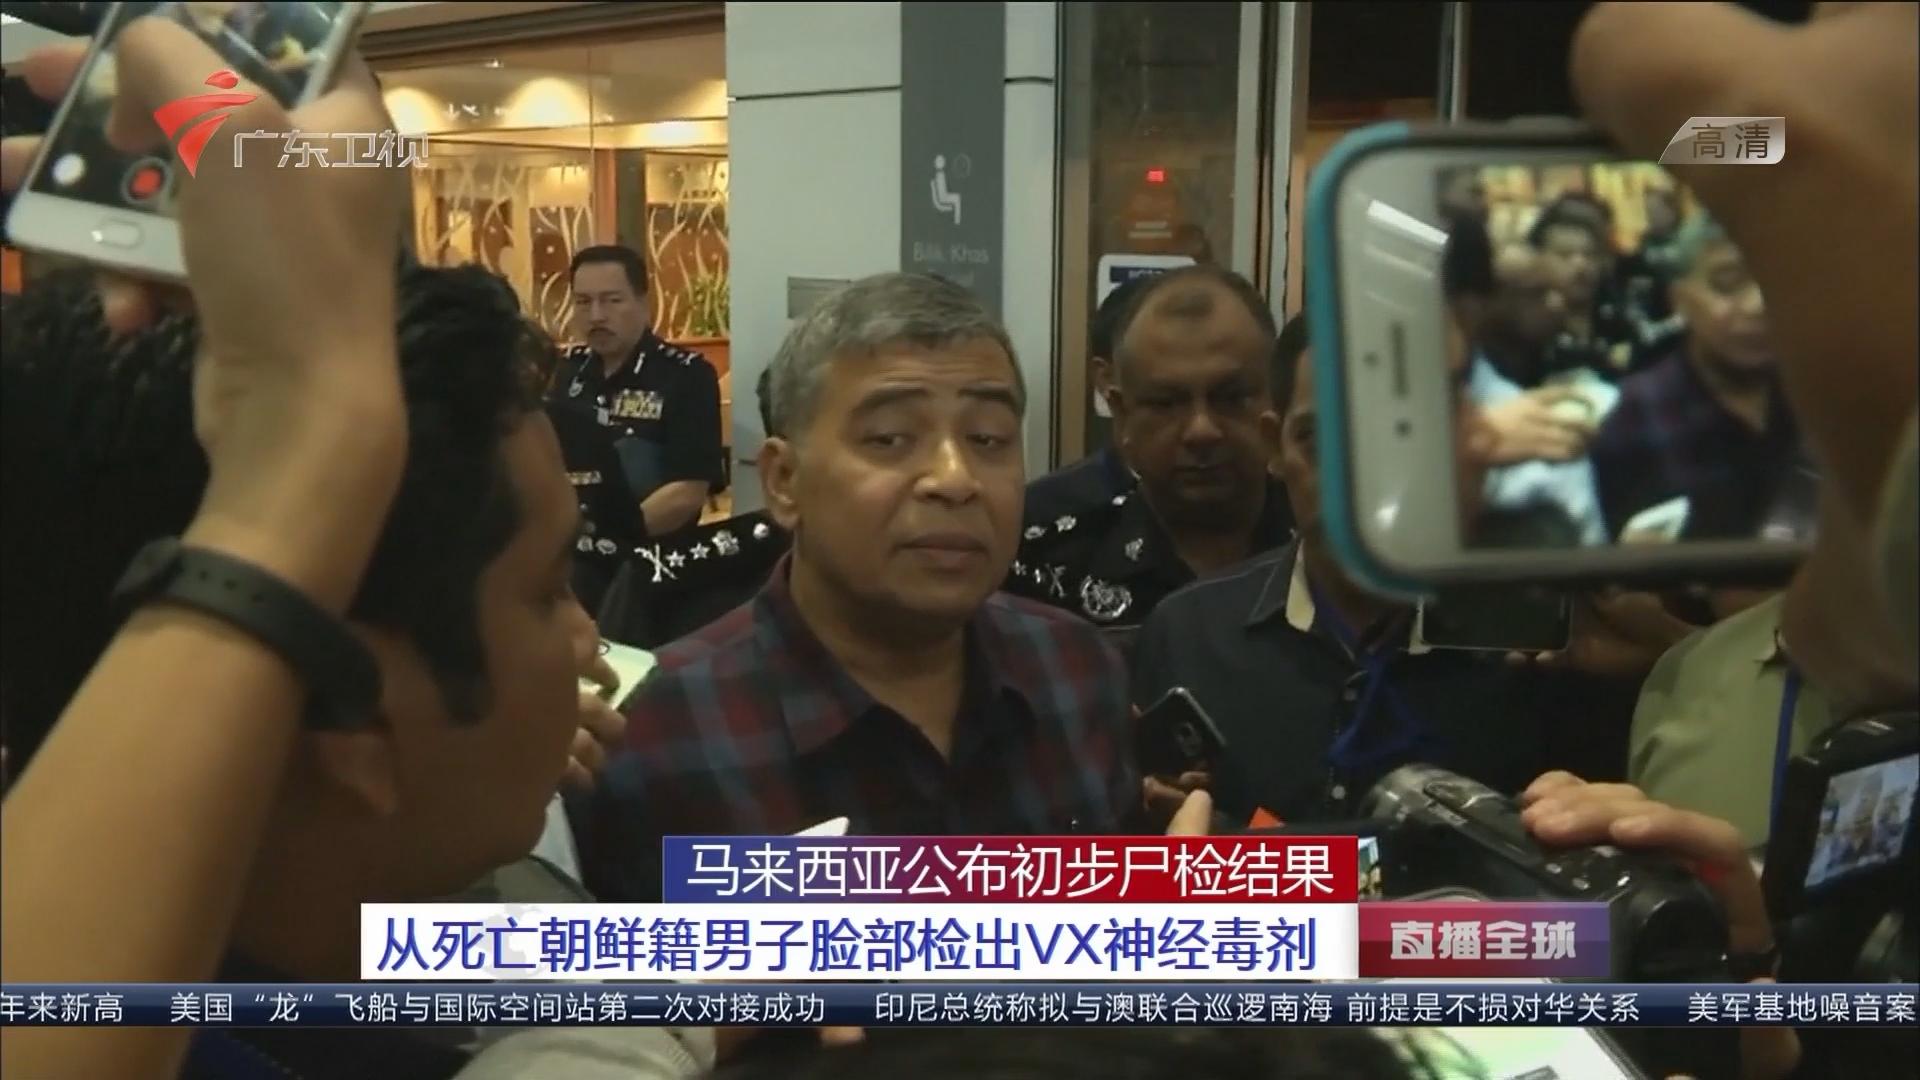 马来西亚公布初步尸检结果:从死亡朝鲜籍男子脸部检出VX神经毒剂